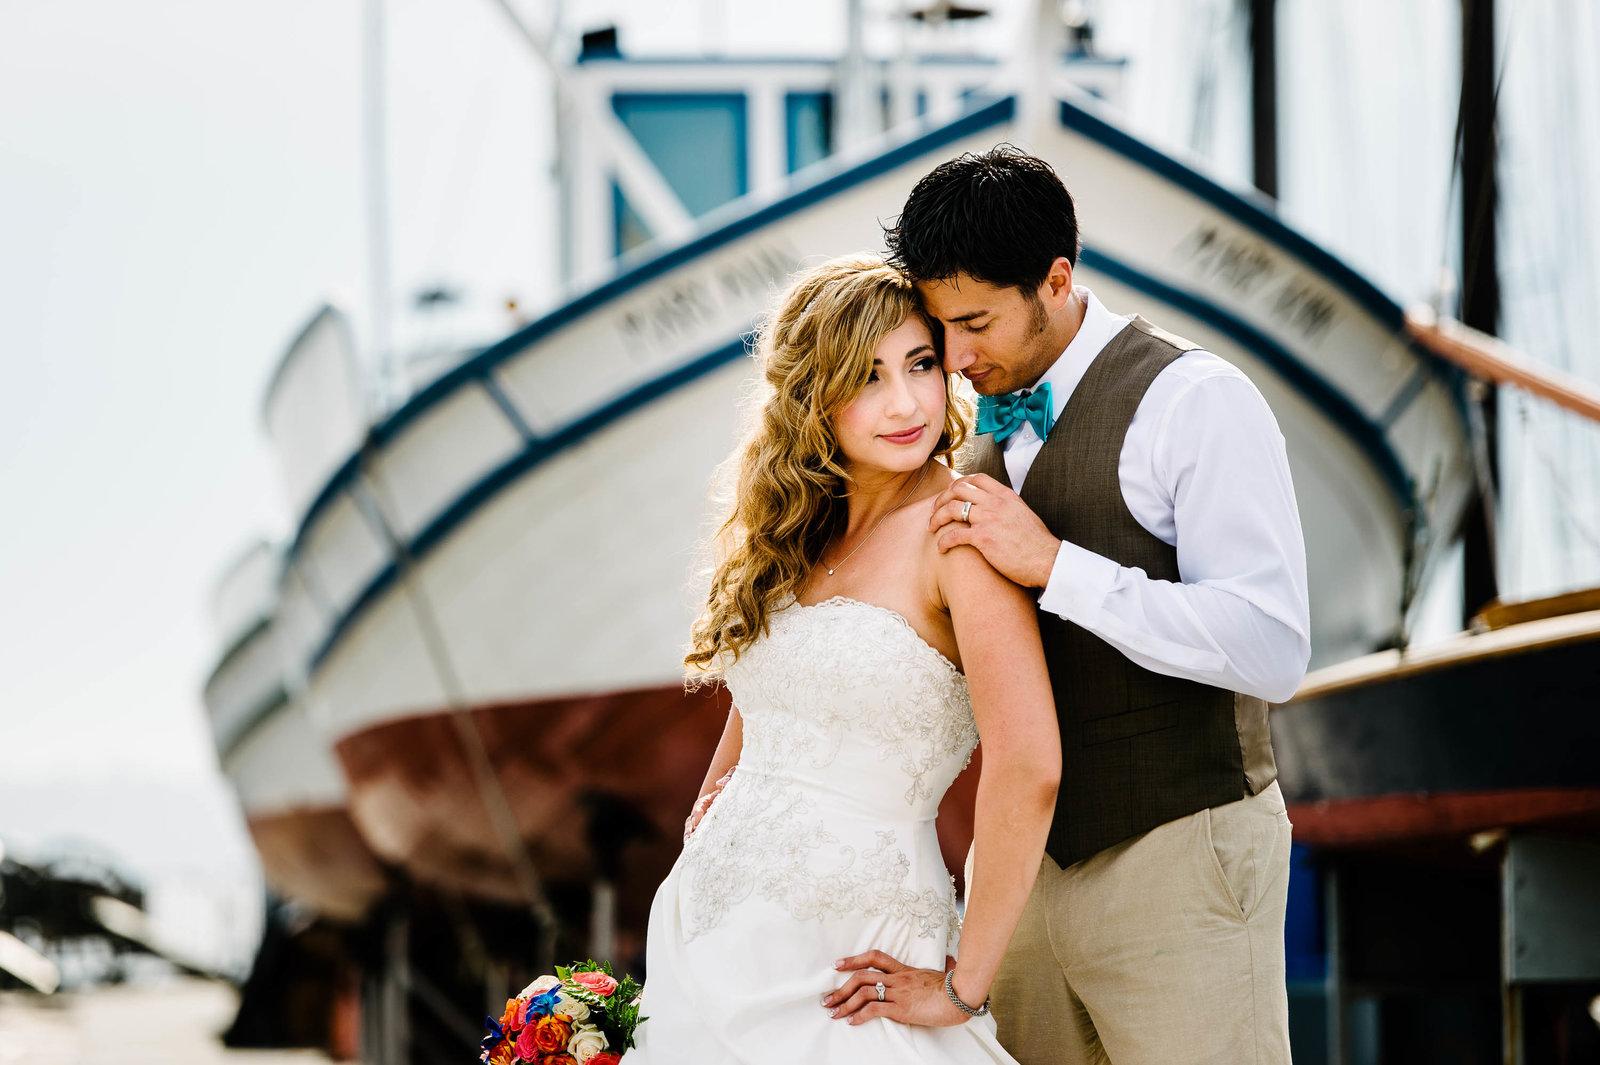 267-El-paso-wedding-photographer-Jeda_0599